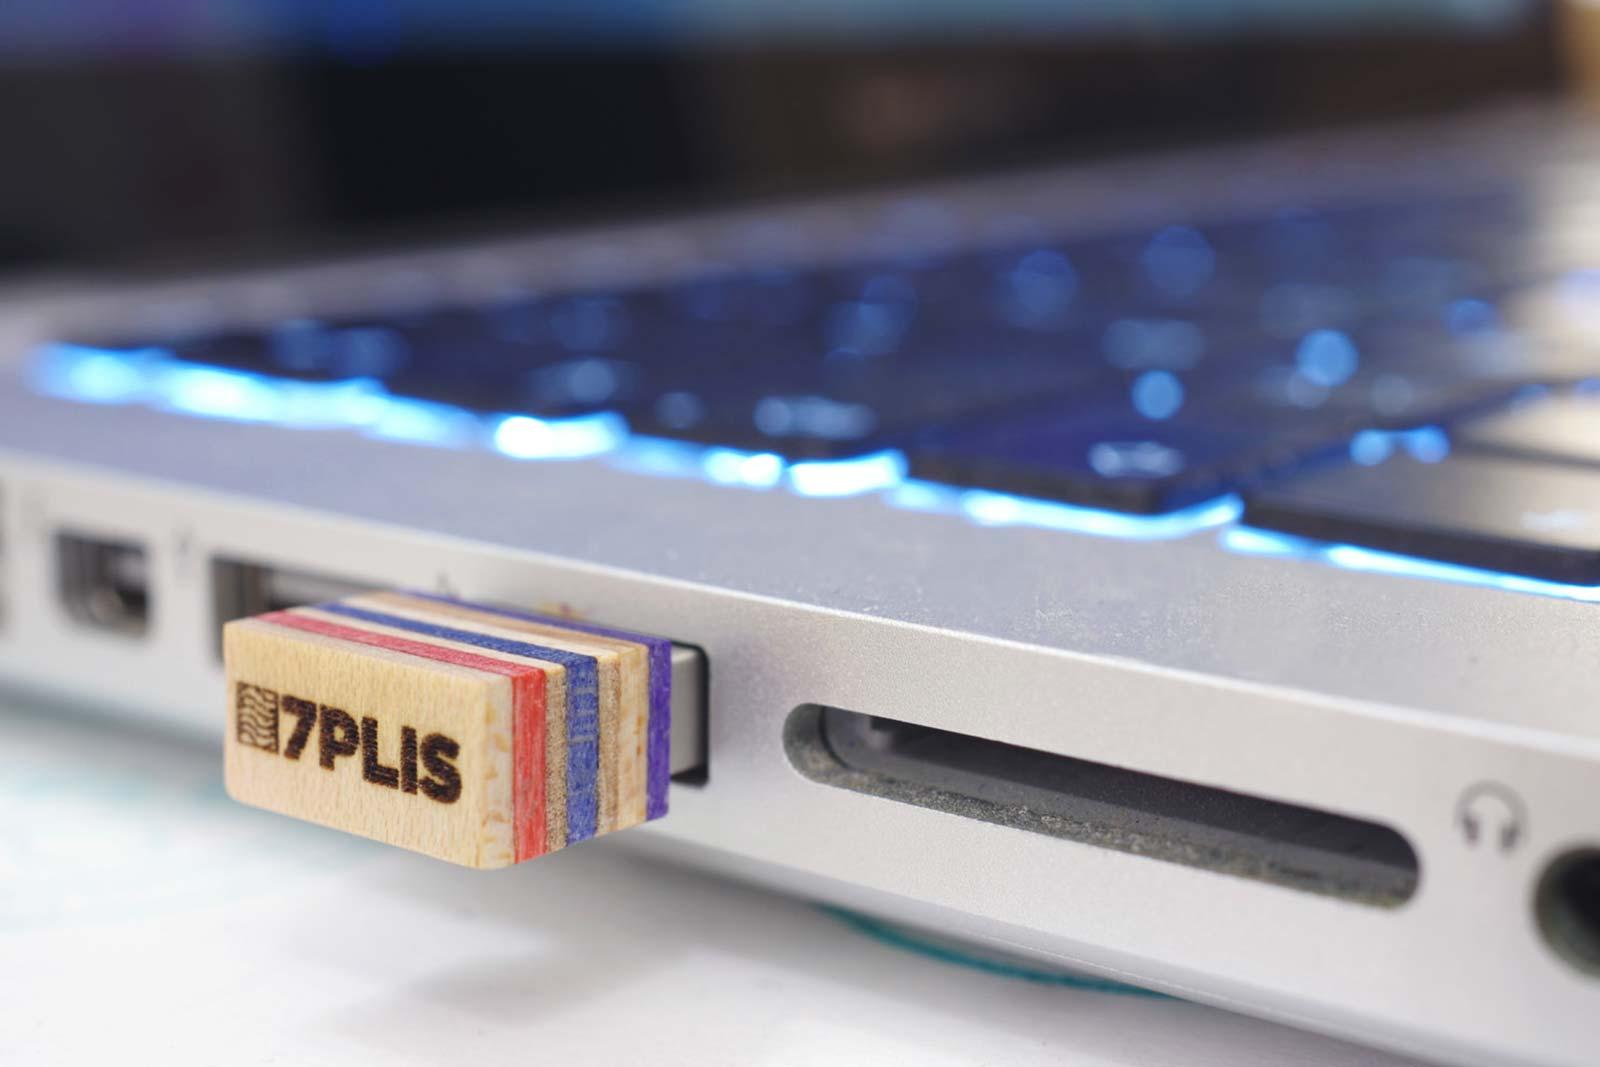 7Plis - Clé USB en bois skate